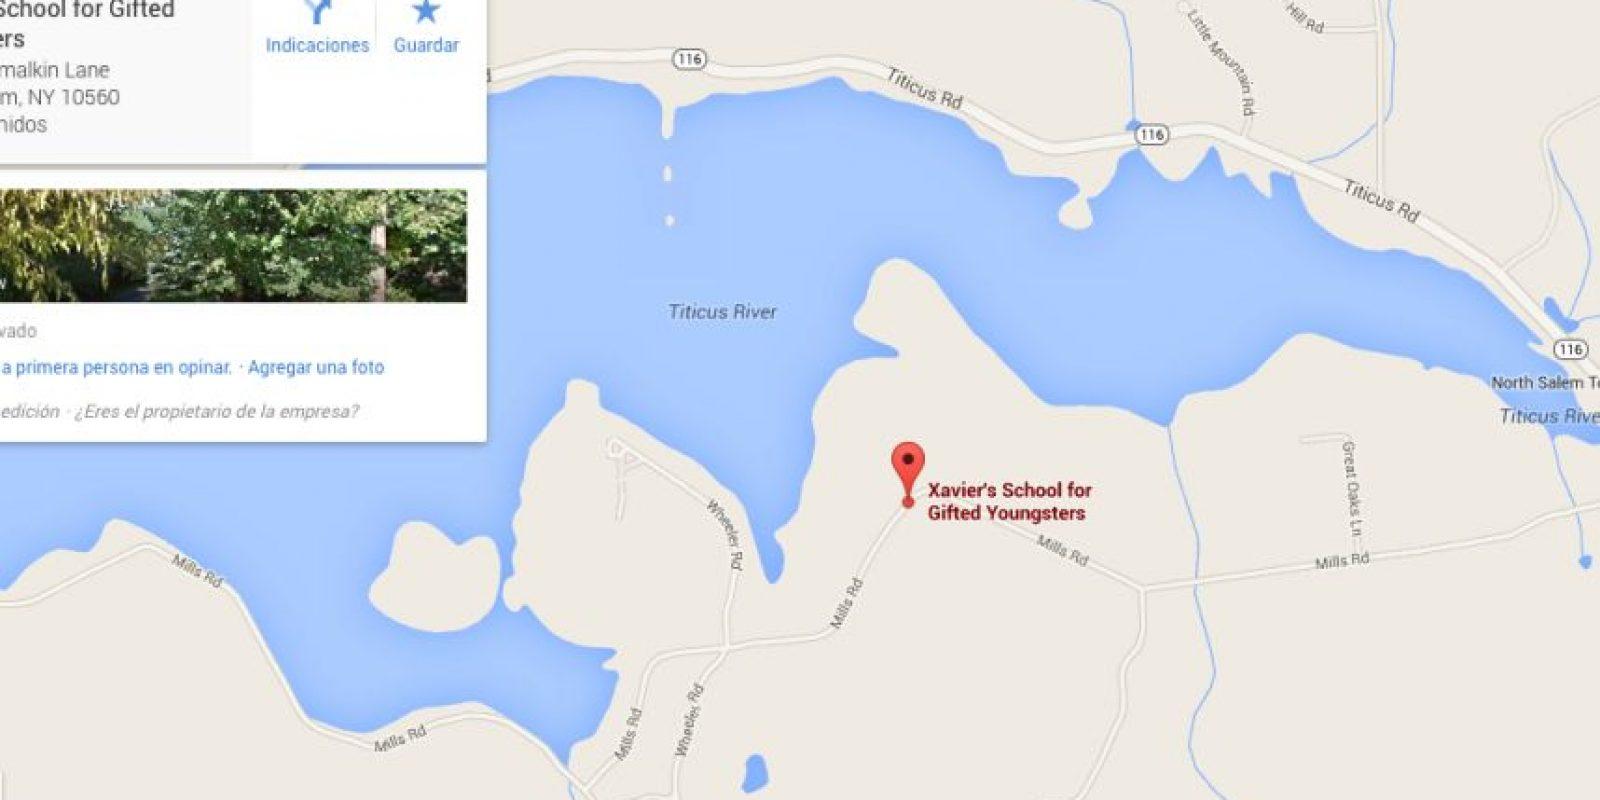 La ubicación de la Escuela para Jóvenes Talentos del profesor Charles Xavier.